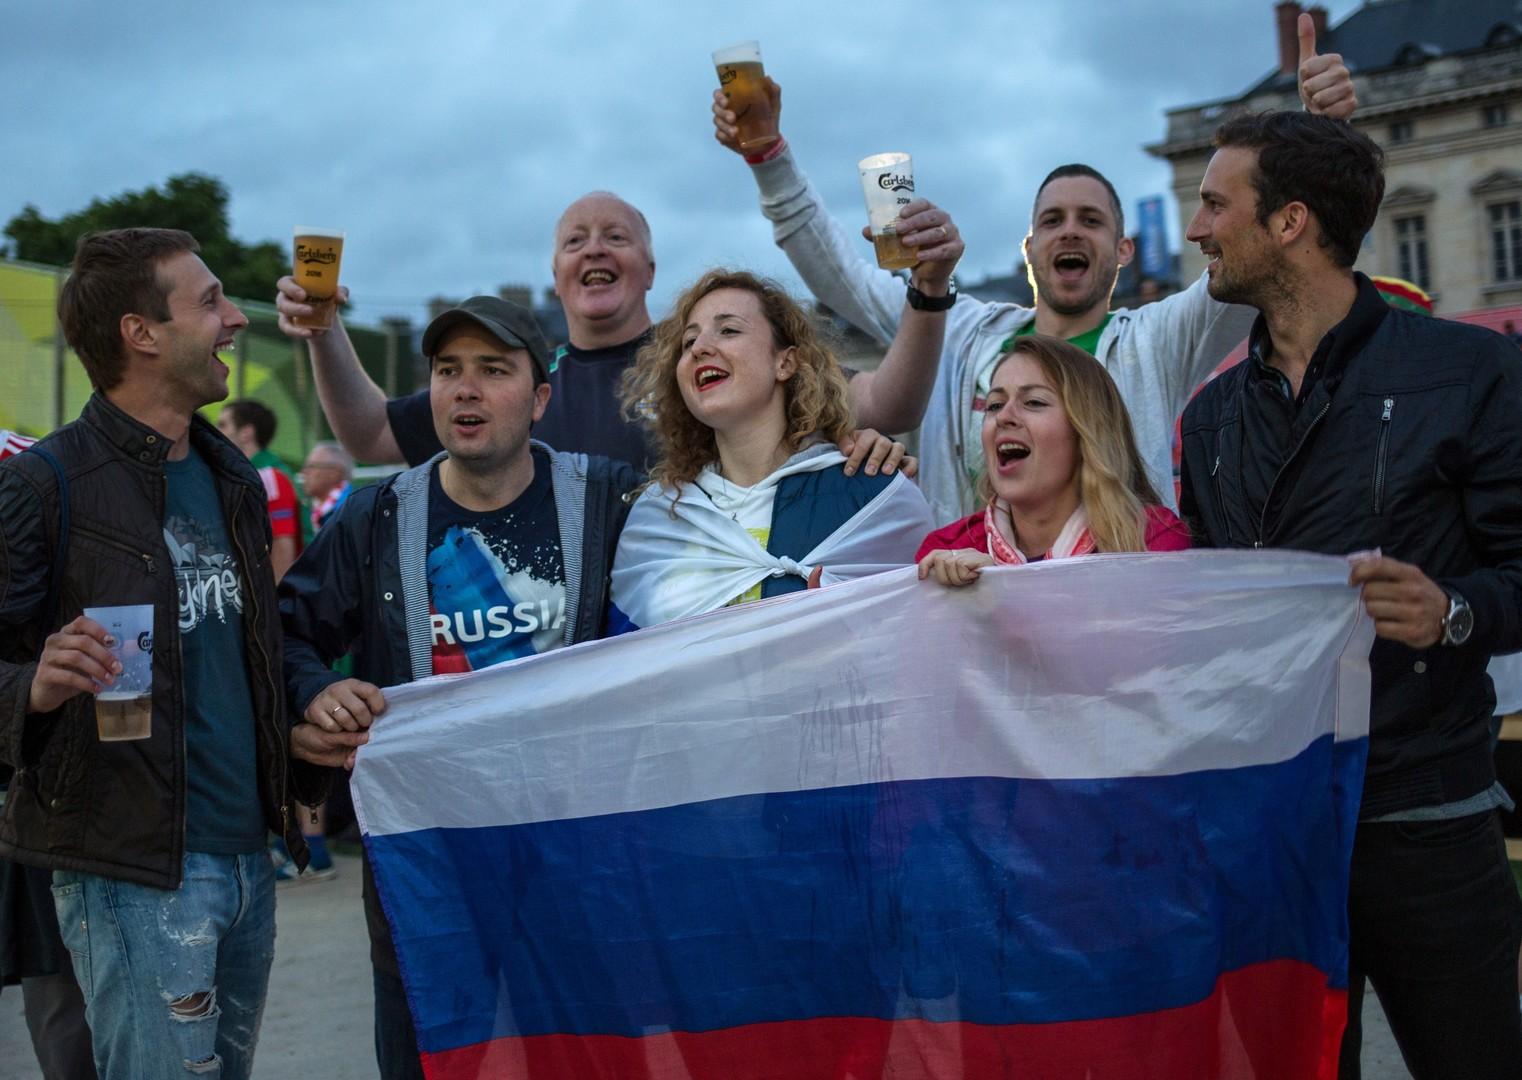 Болельщики сборной России и Уэльса смотрят трансляцию матча группового этапа чемпионата Европы по футболу - 2016 между сборными командами России и Уэльса в фан зоне рядом с Эйфелевой башней в Париже.